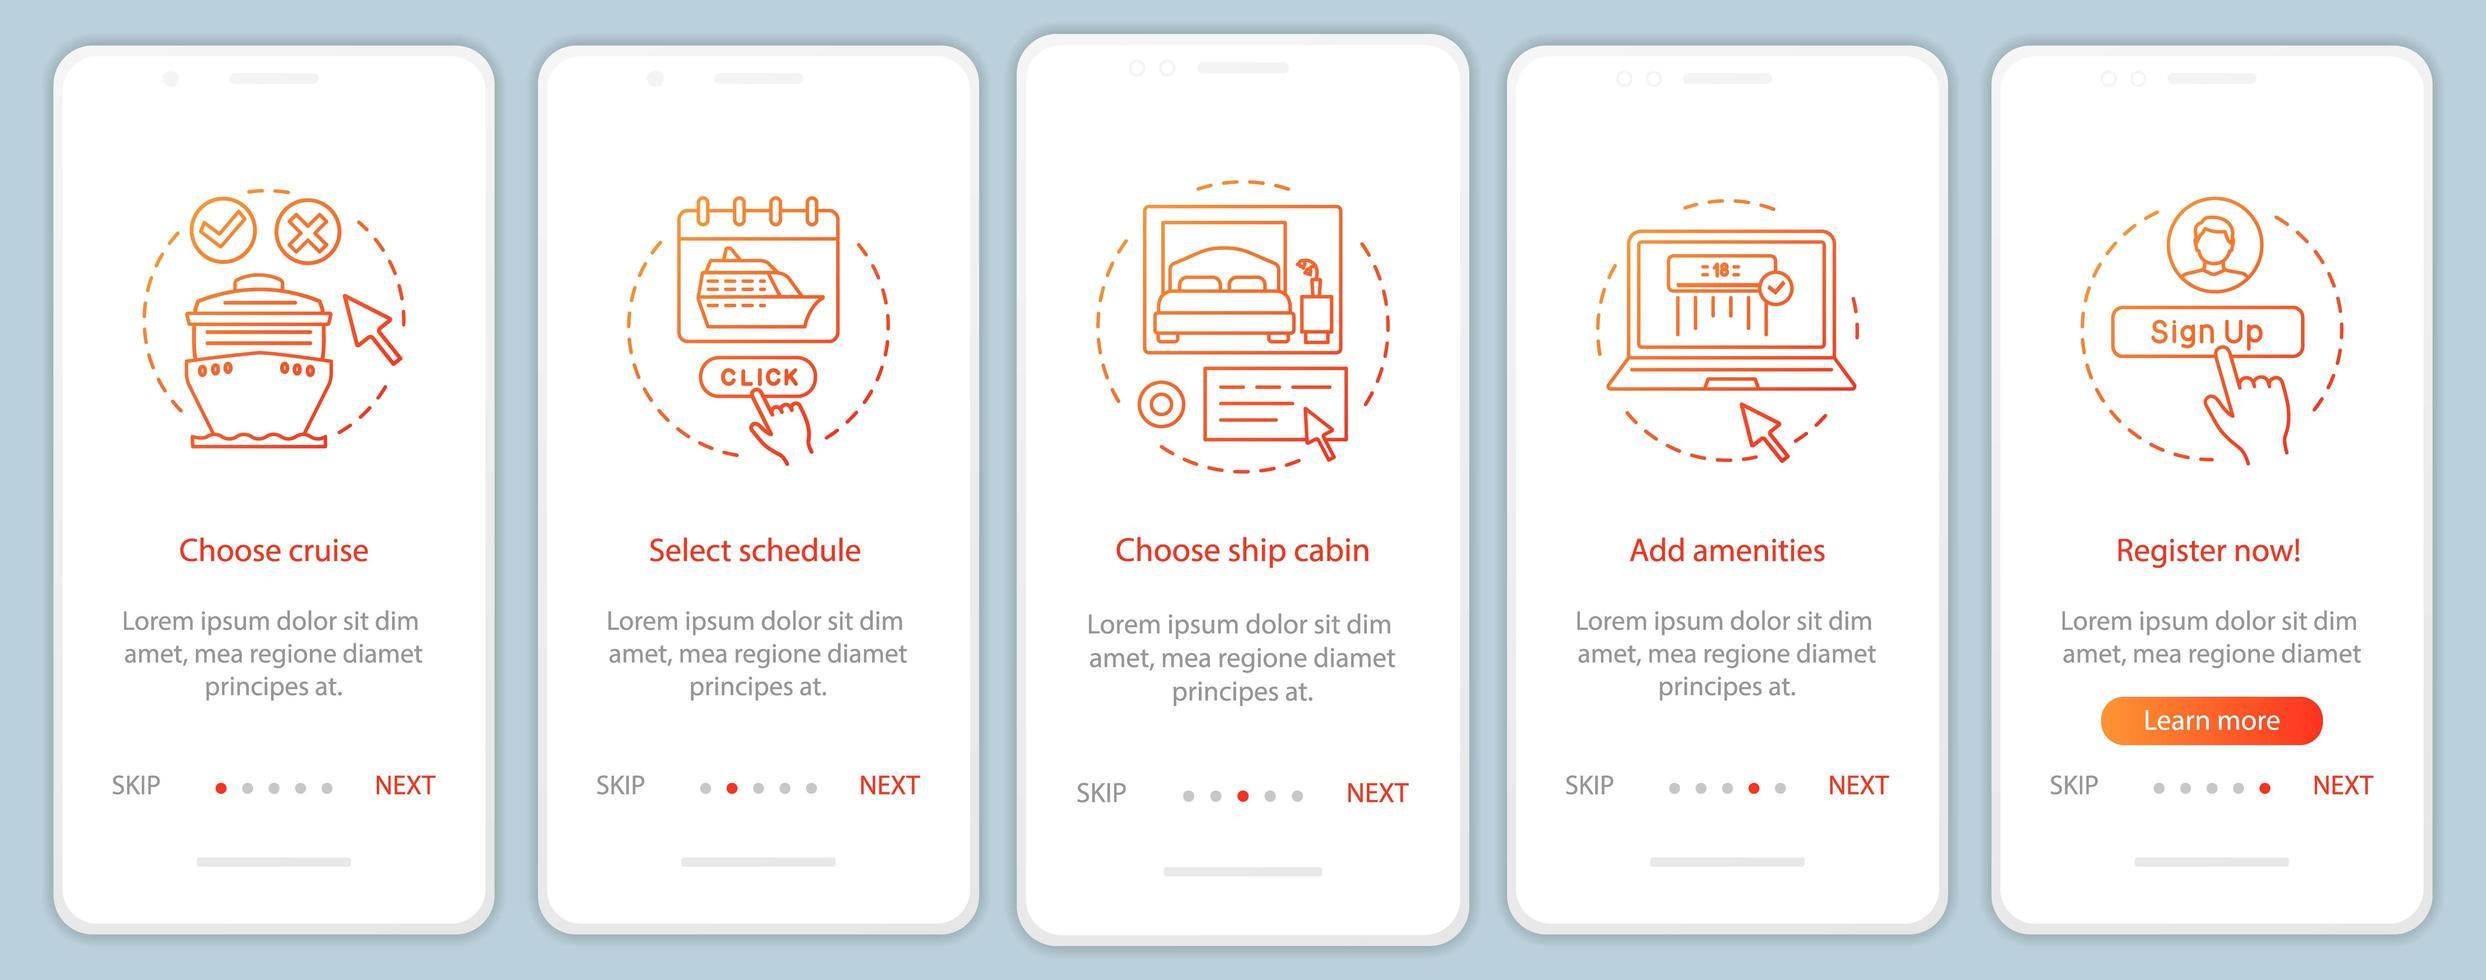 Écran de la page de l'application mobile de réservation de croisière en ligne vecteur